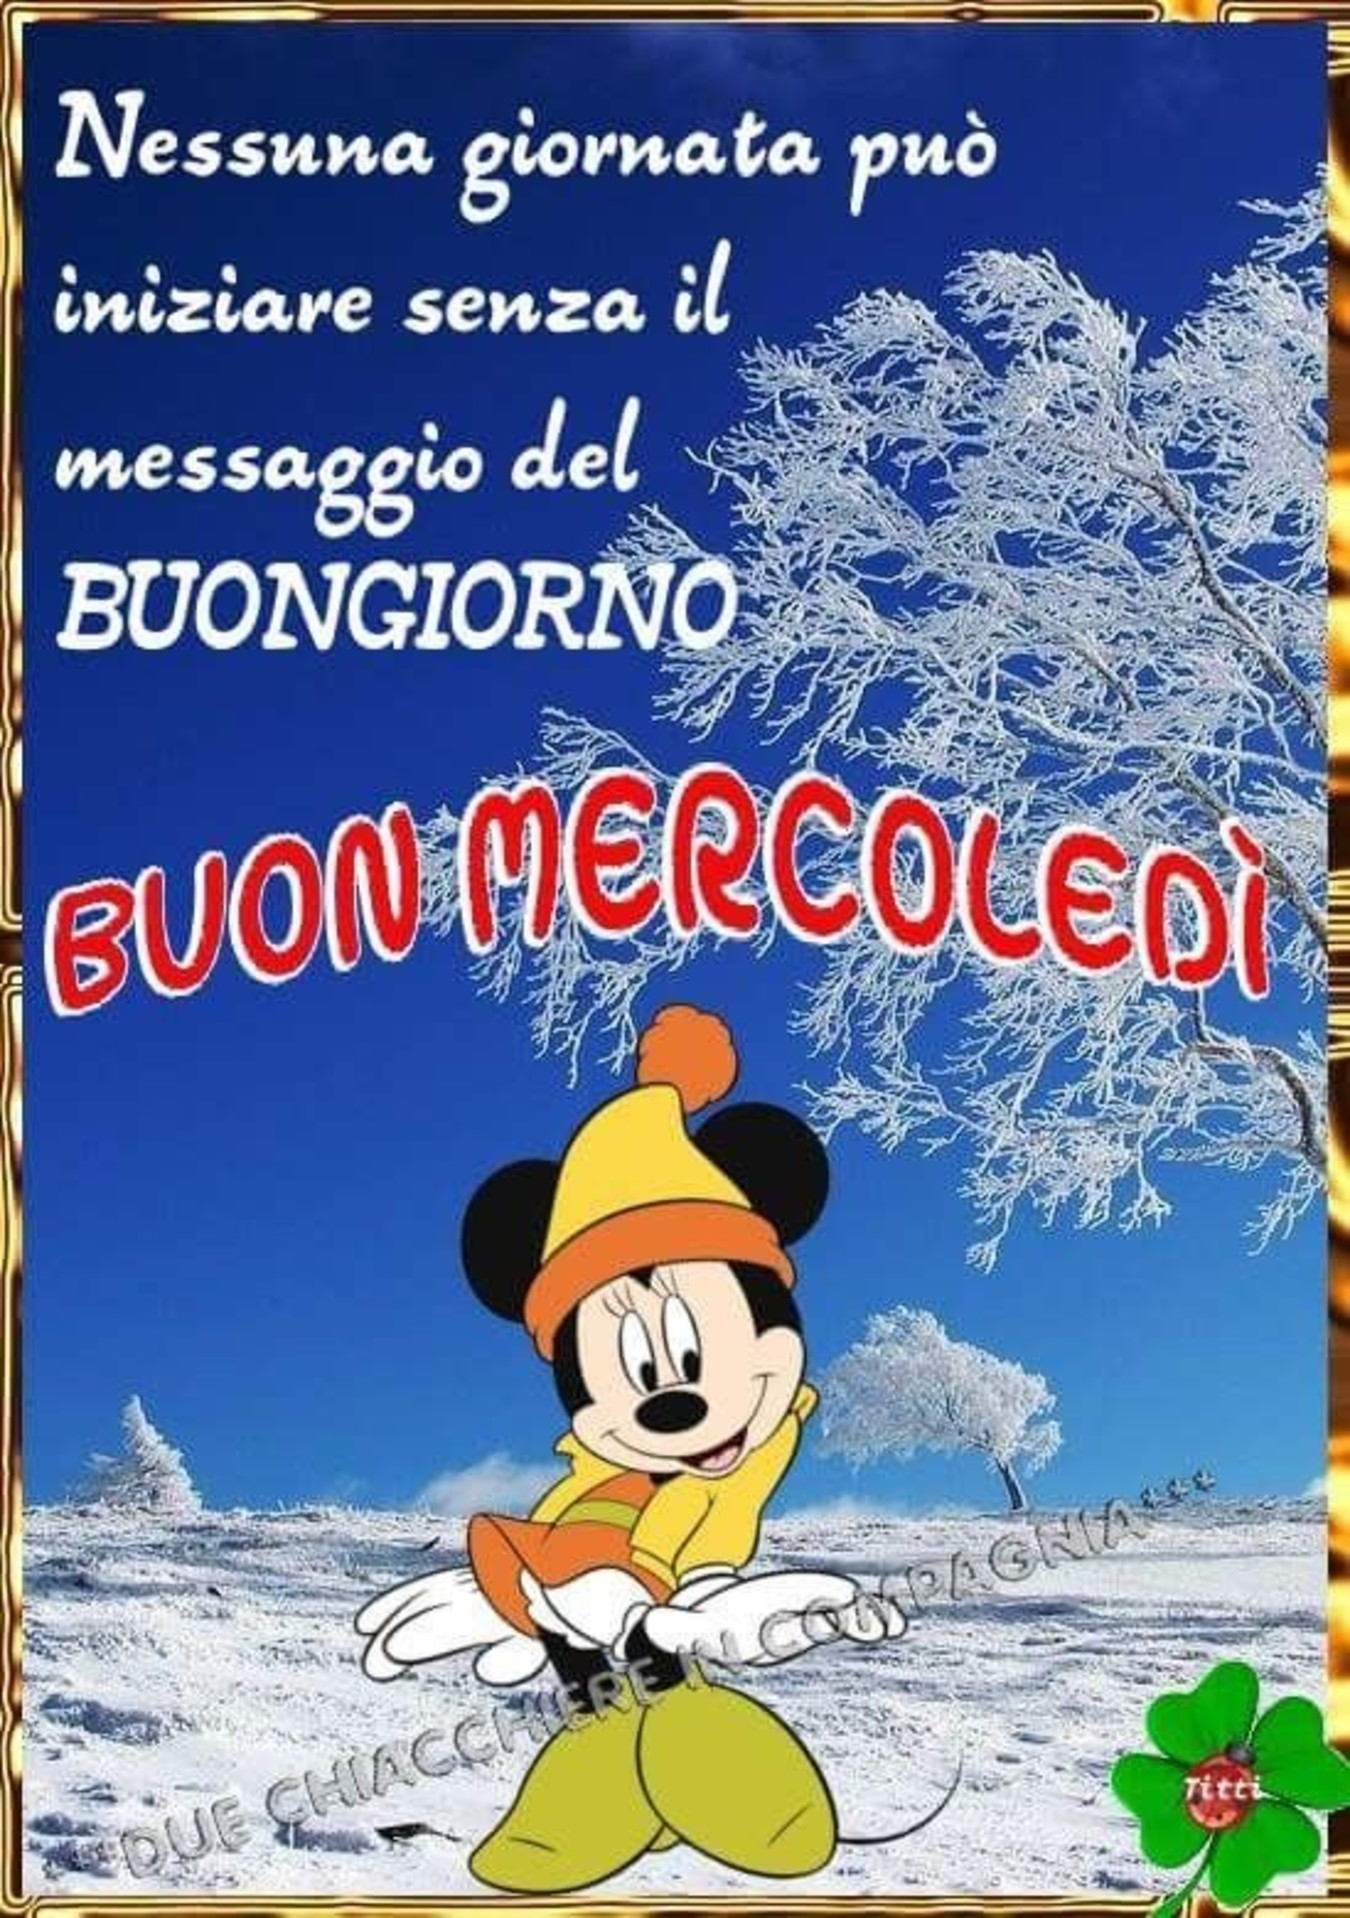 Buongiorno Mercoledi Inverno Immaginiwhatsapp It